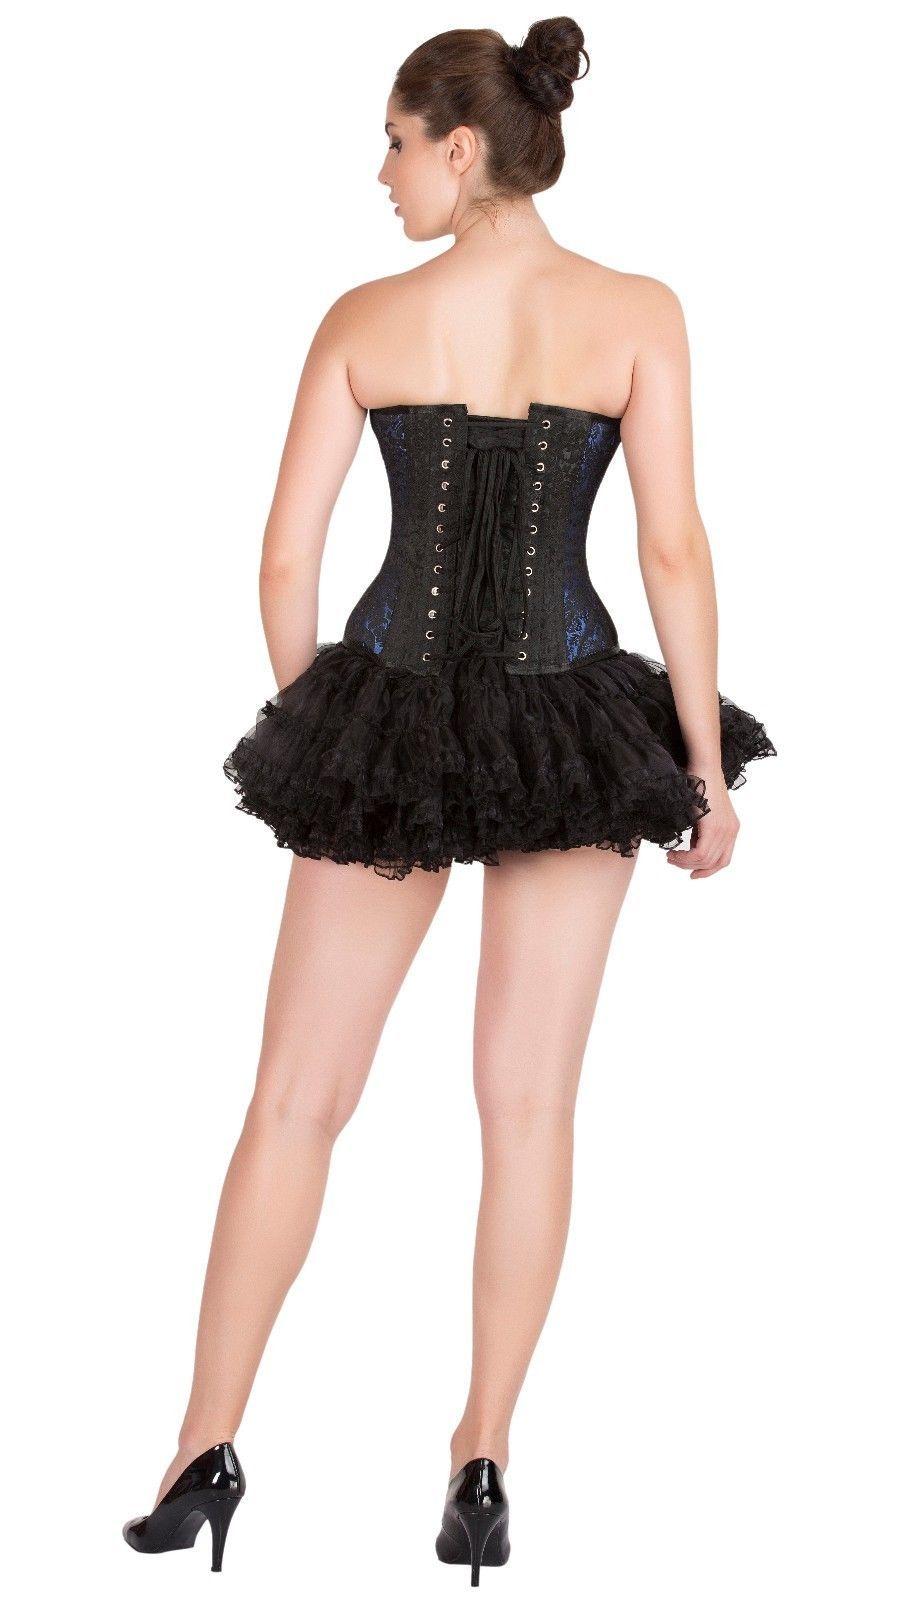 362cd1d988f Blue Black Brocade Burlesque Gothic Bustier Overbust Tutu Skirt Corset Dress